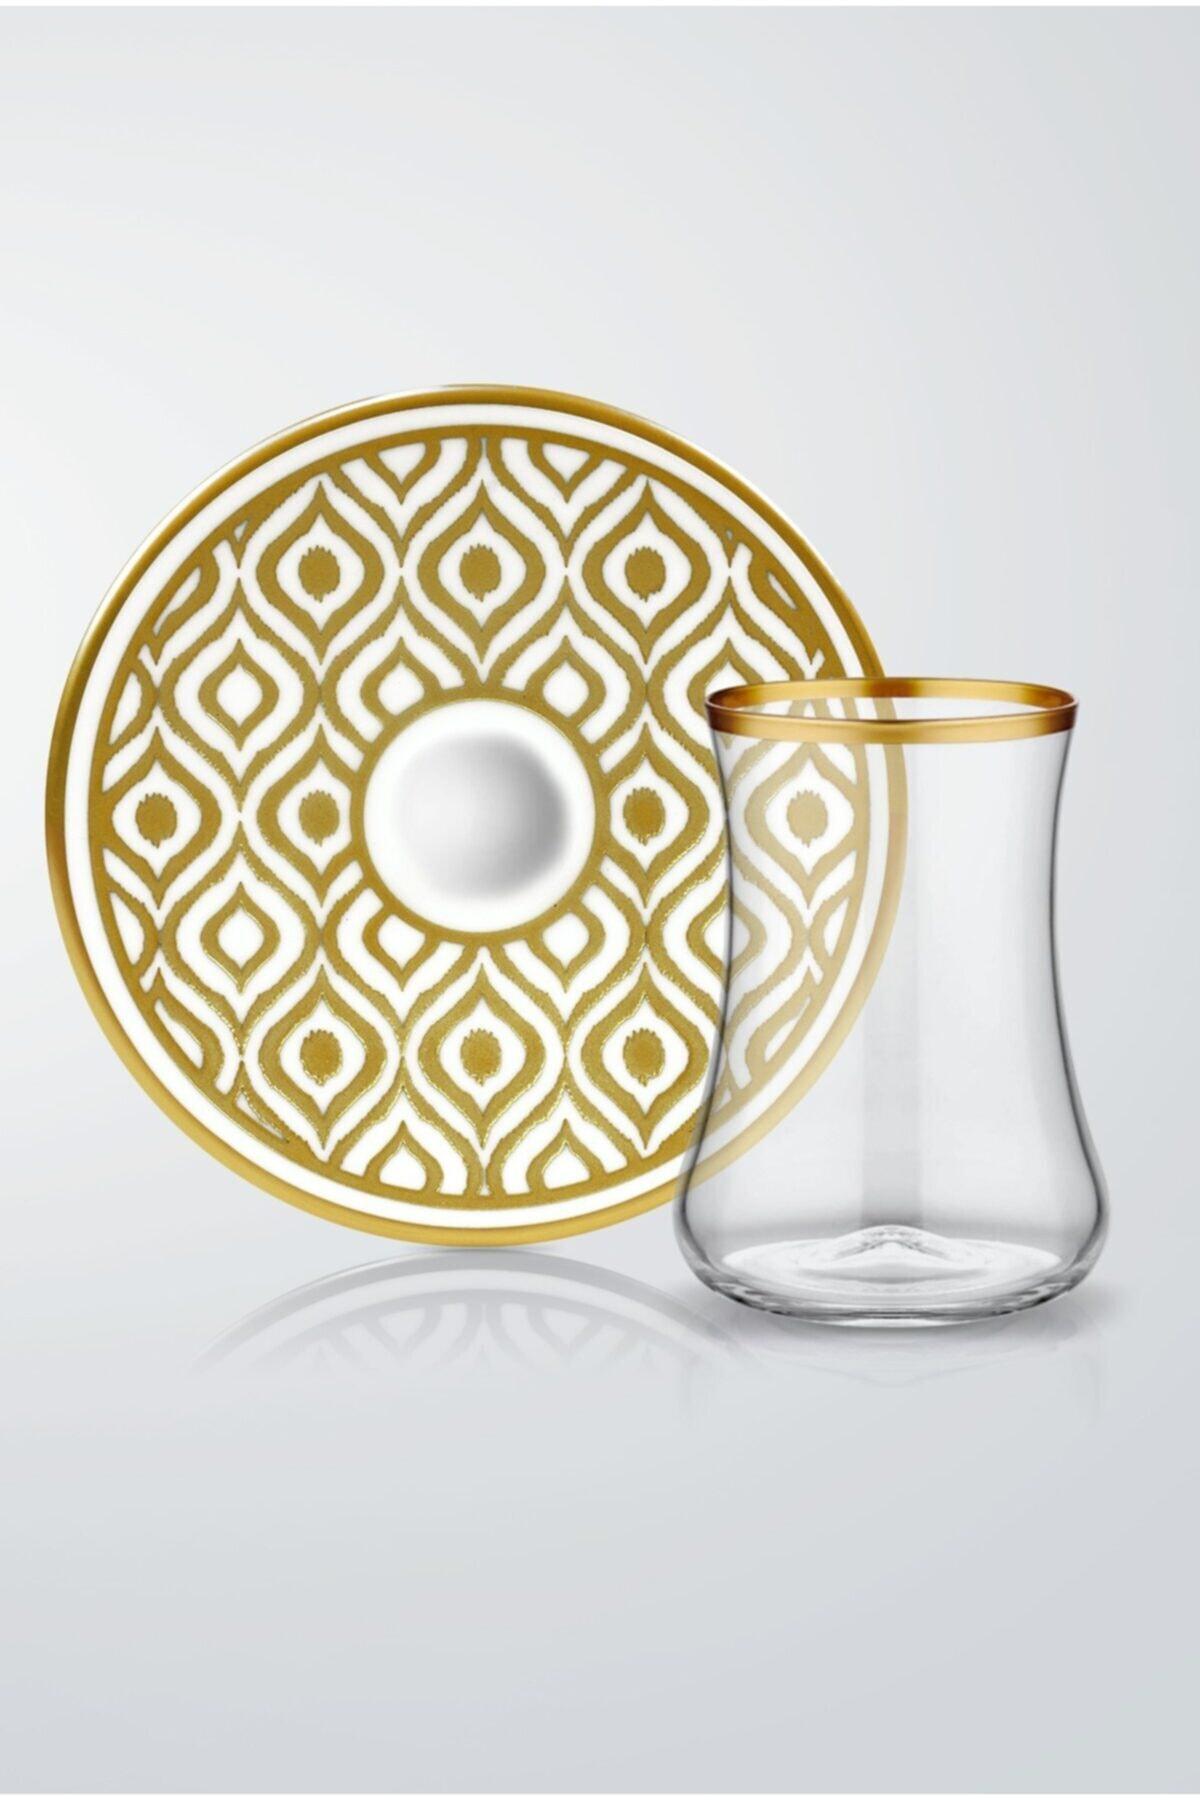 Koleksiyon1 Dervish Ikat Gold 6'lı Çay Seti  31000040258 1